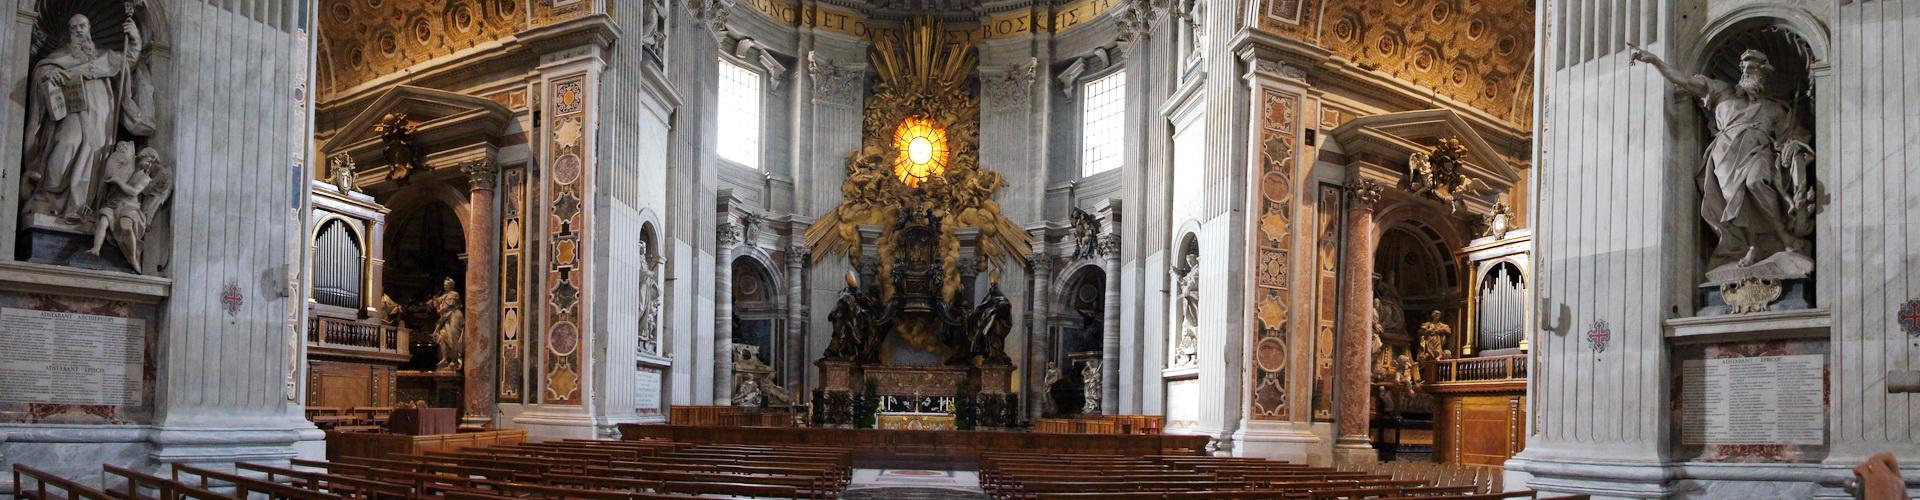 7DSC02537HomePage Vatican